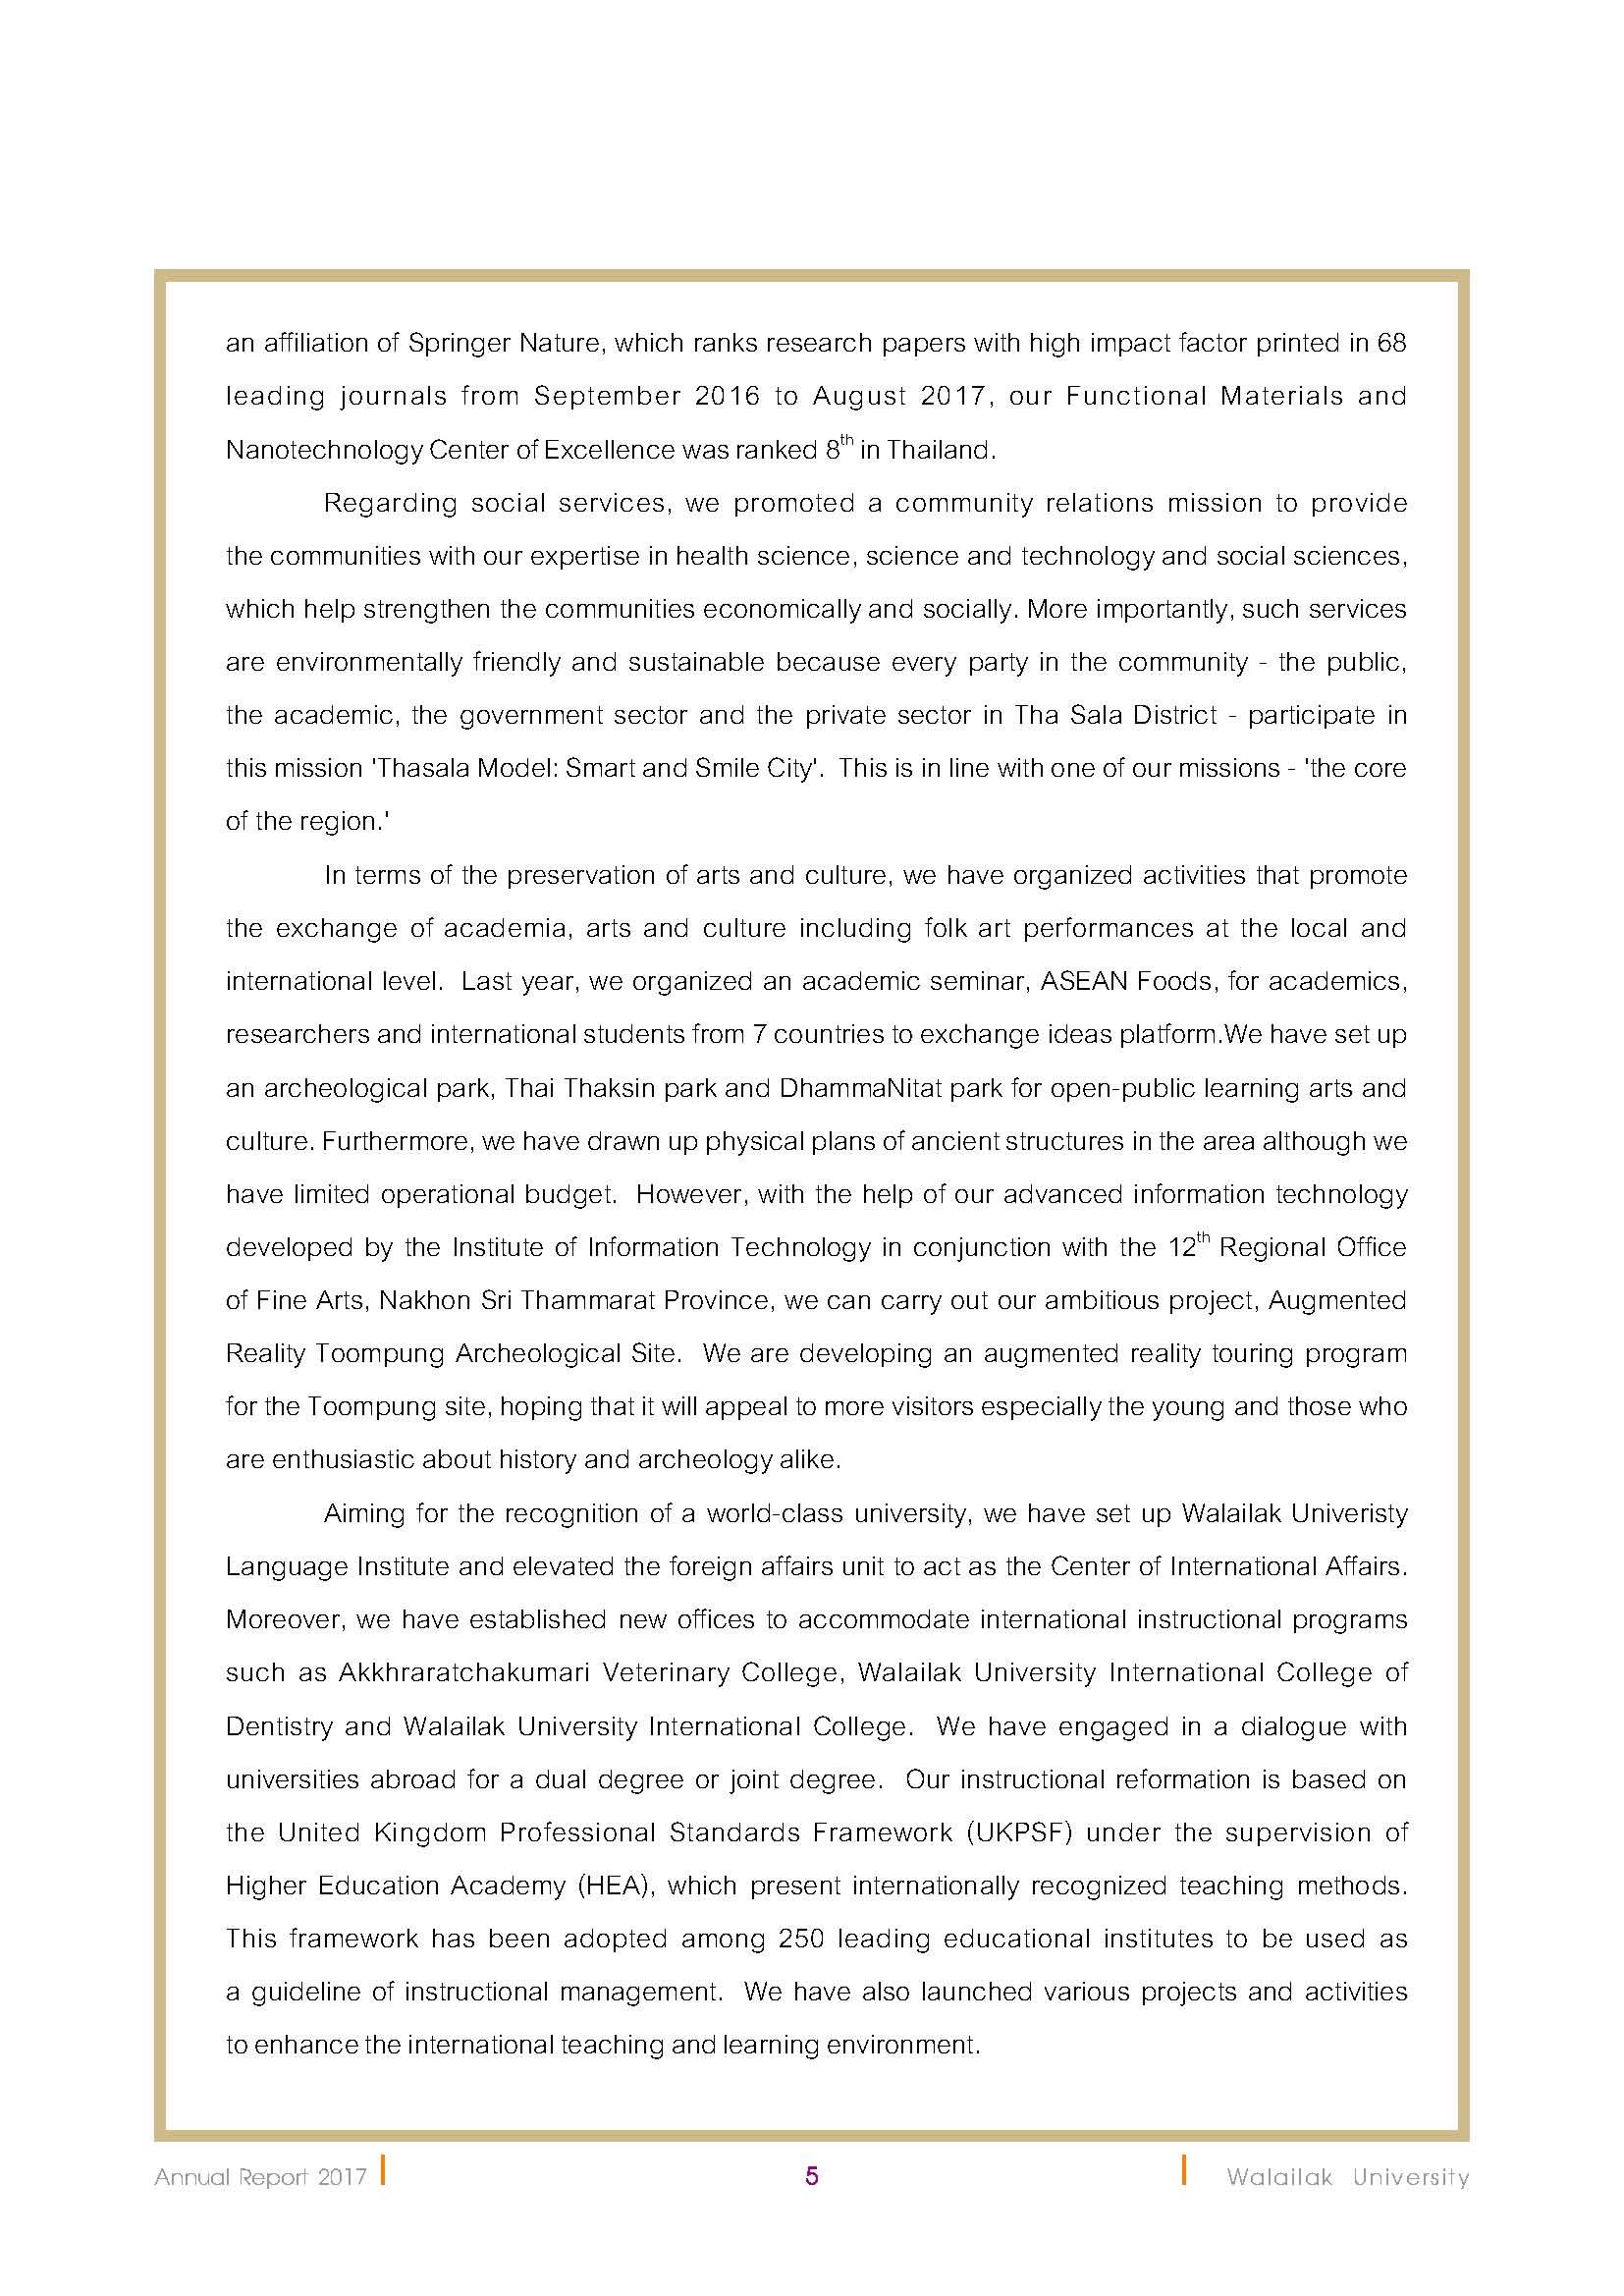 wu-2017eng-29-8-61_Page_05